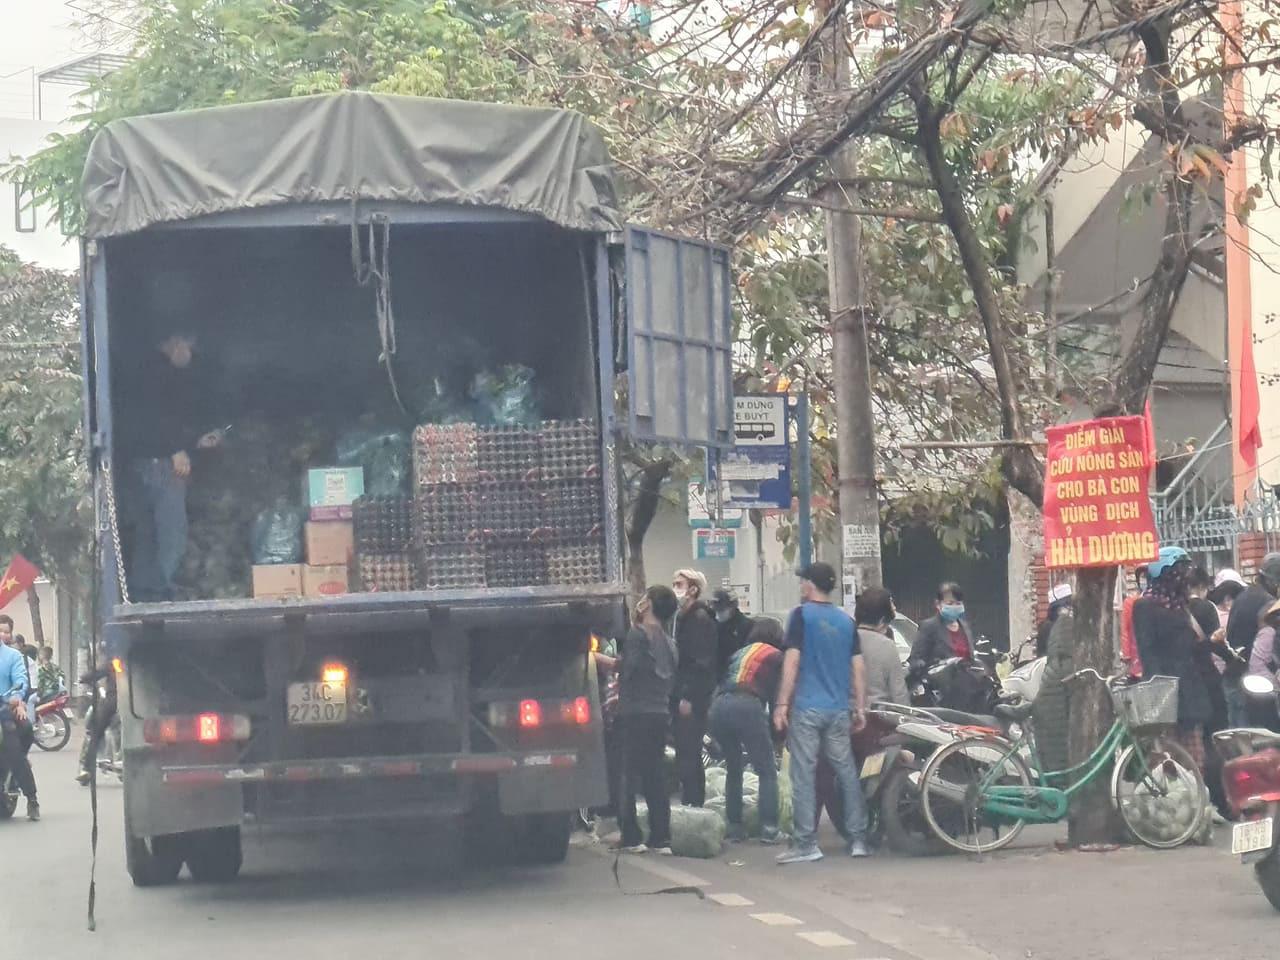 Hải Phòng: Xe tải biển Hải Dương vào bán nông sản người dân quây kín mua hàng - Ảnh 3.